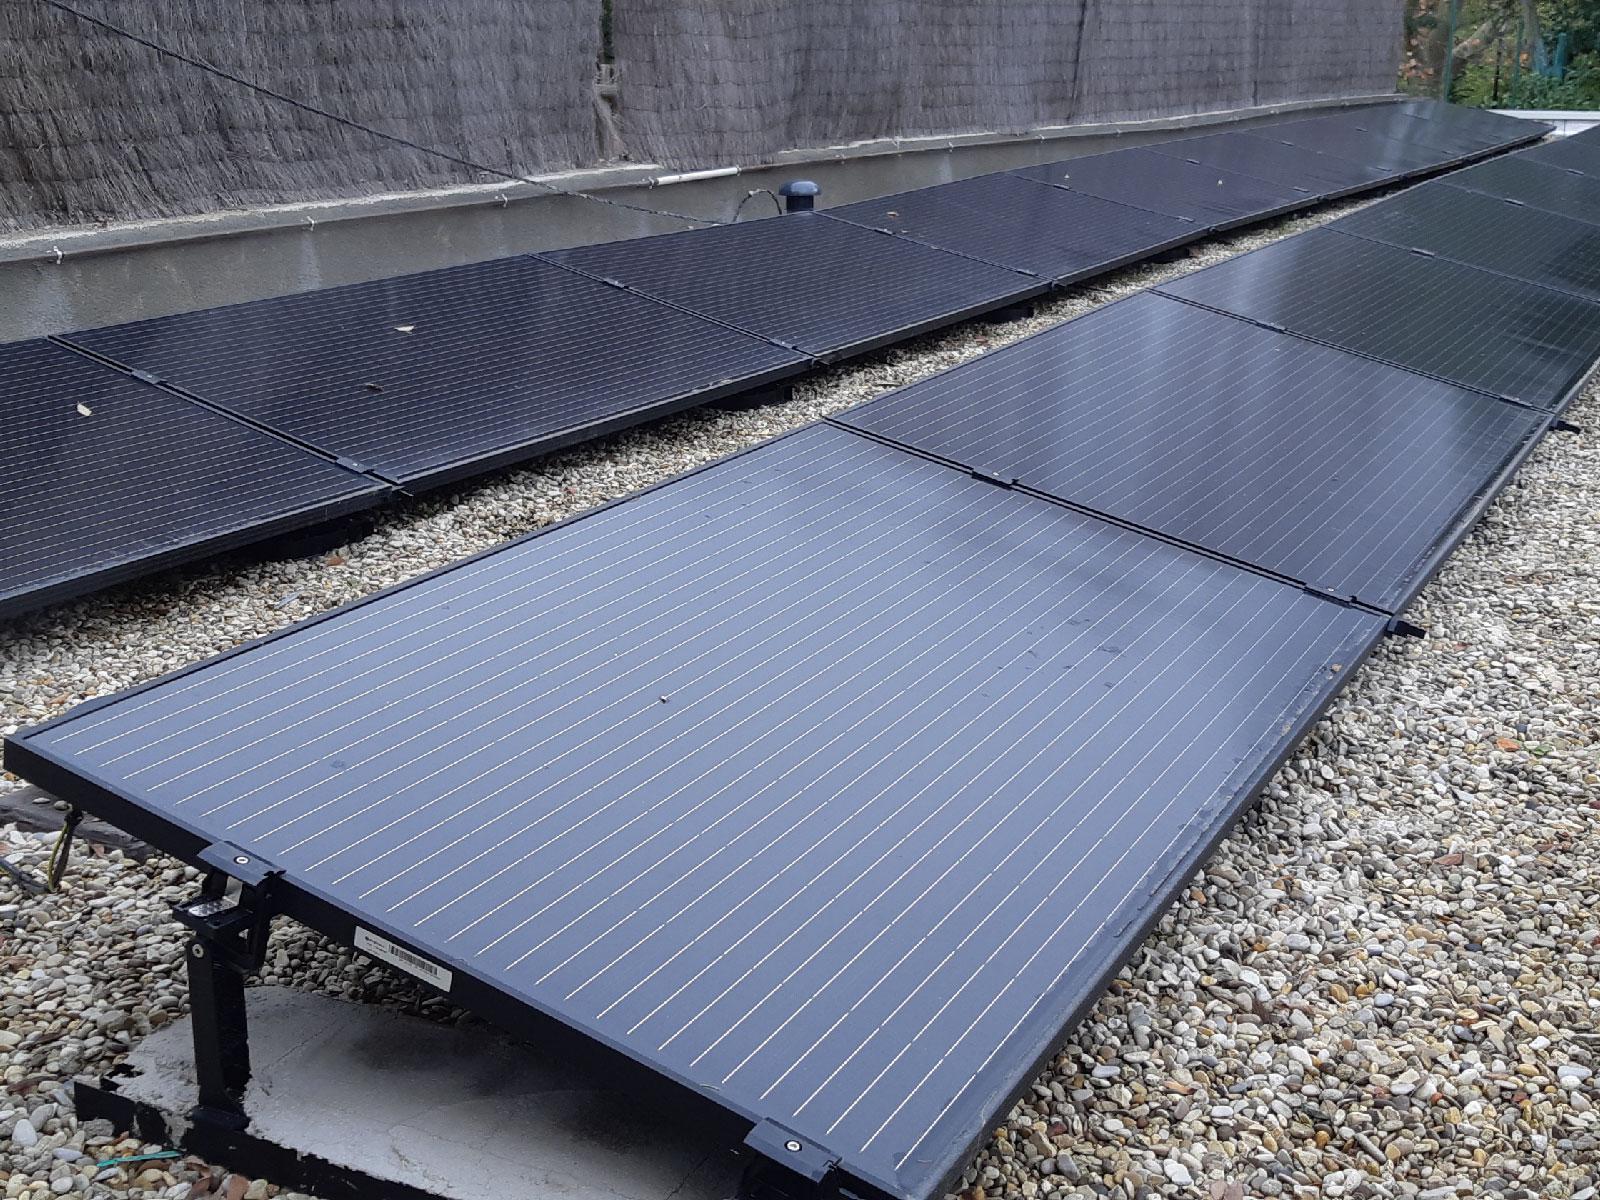 pose_de_panneaux_photovoltaïque_pour_un_rendement_optimal_gard